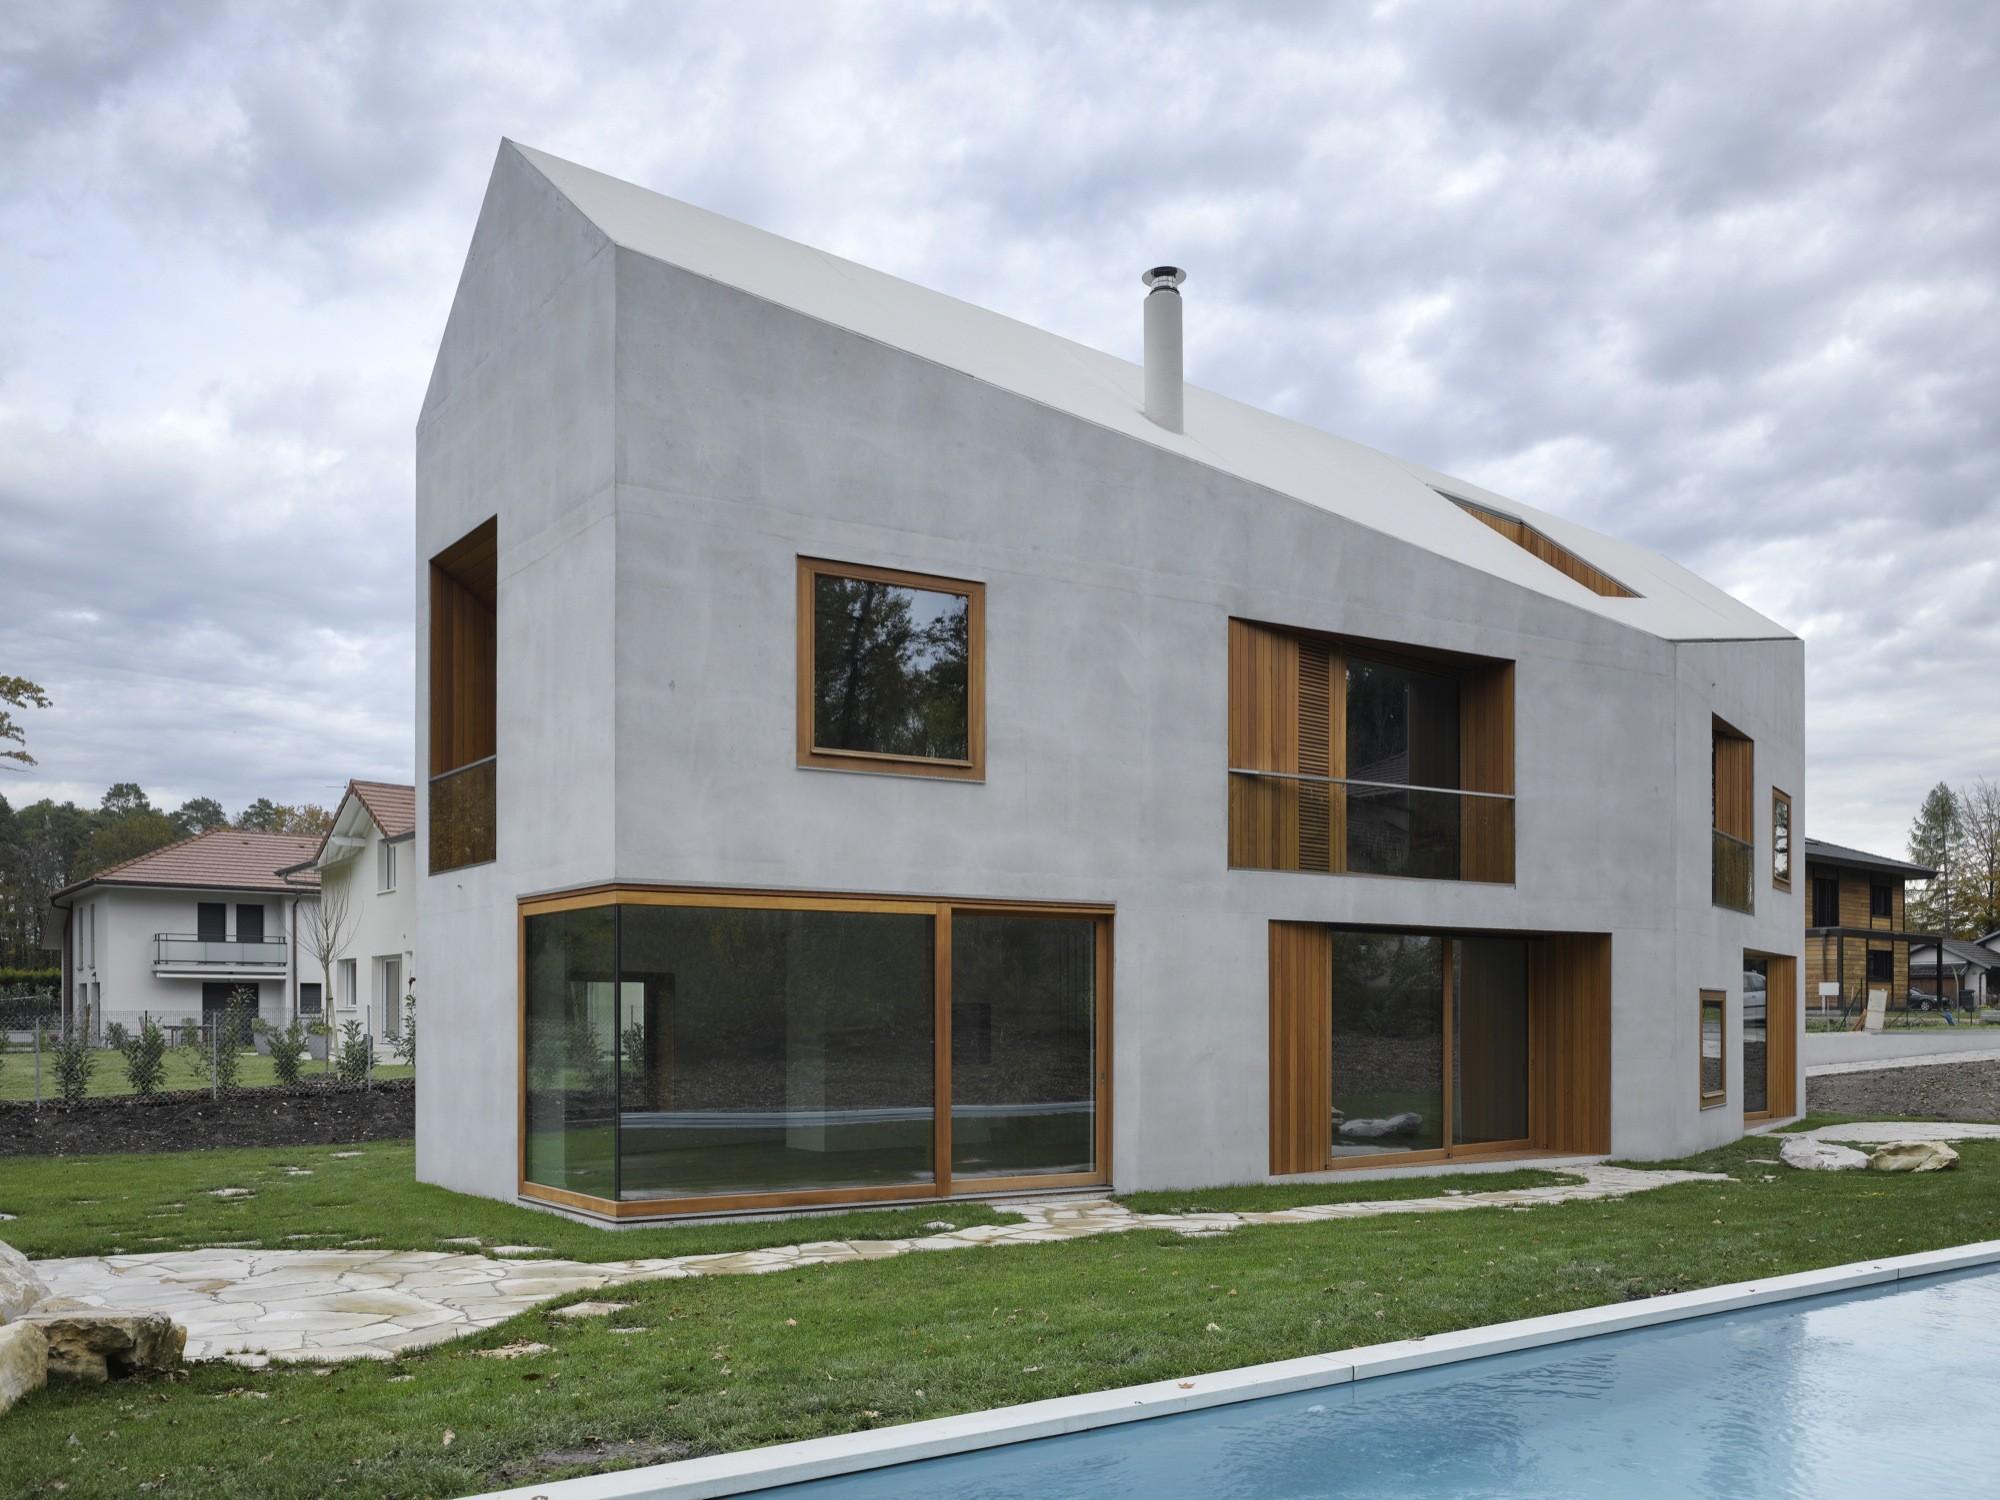 galeria de duas casas em uma clavienrossier architectes 2. Black Bedroom Furniture Sets. Home Design Ideas